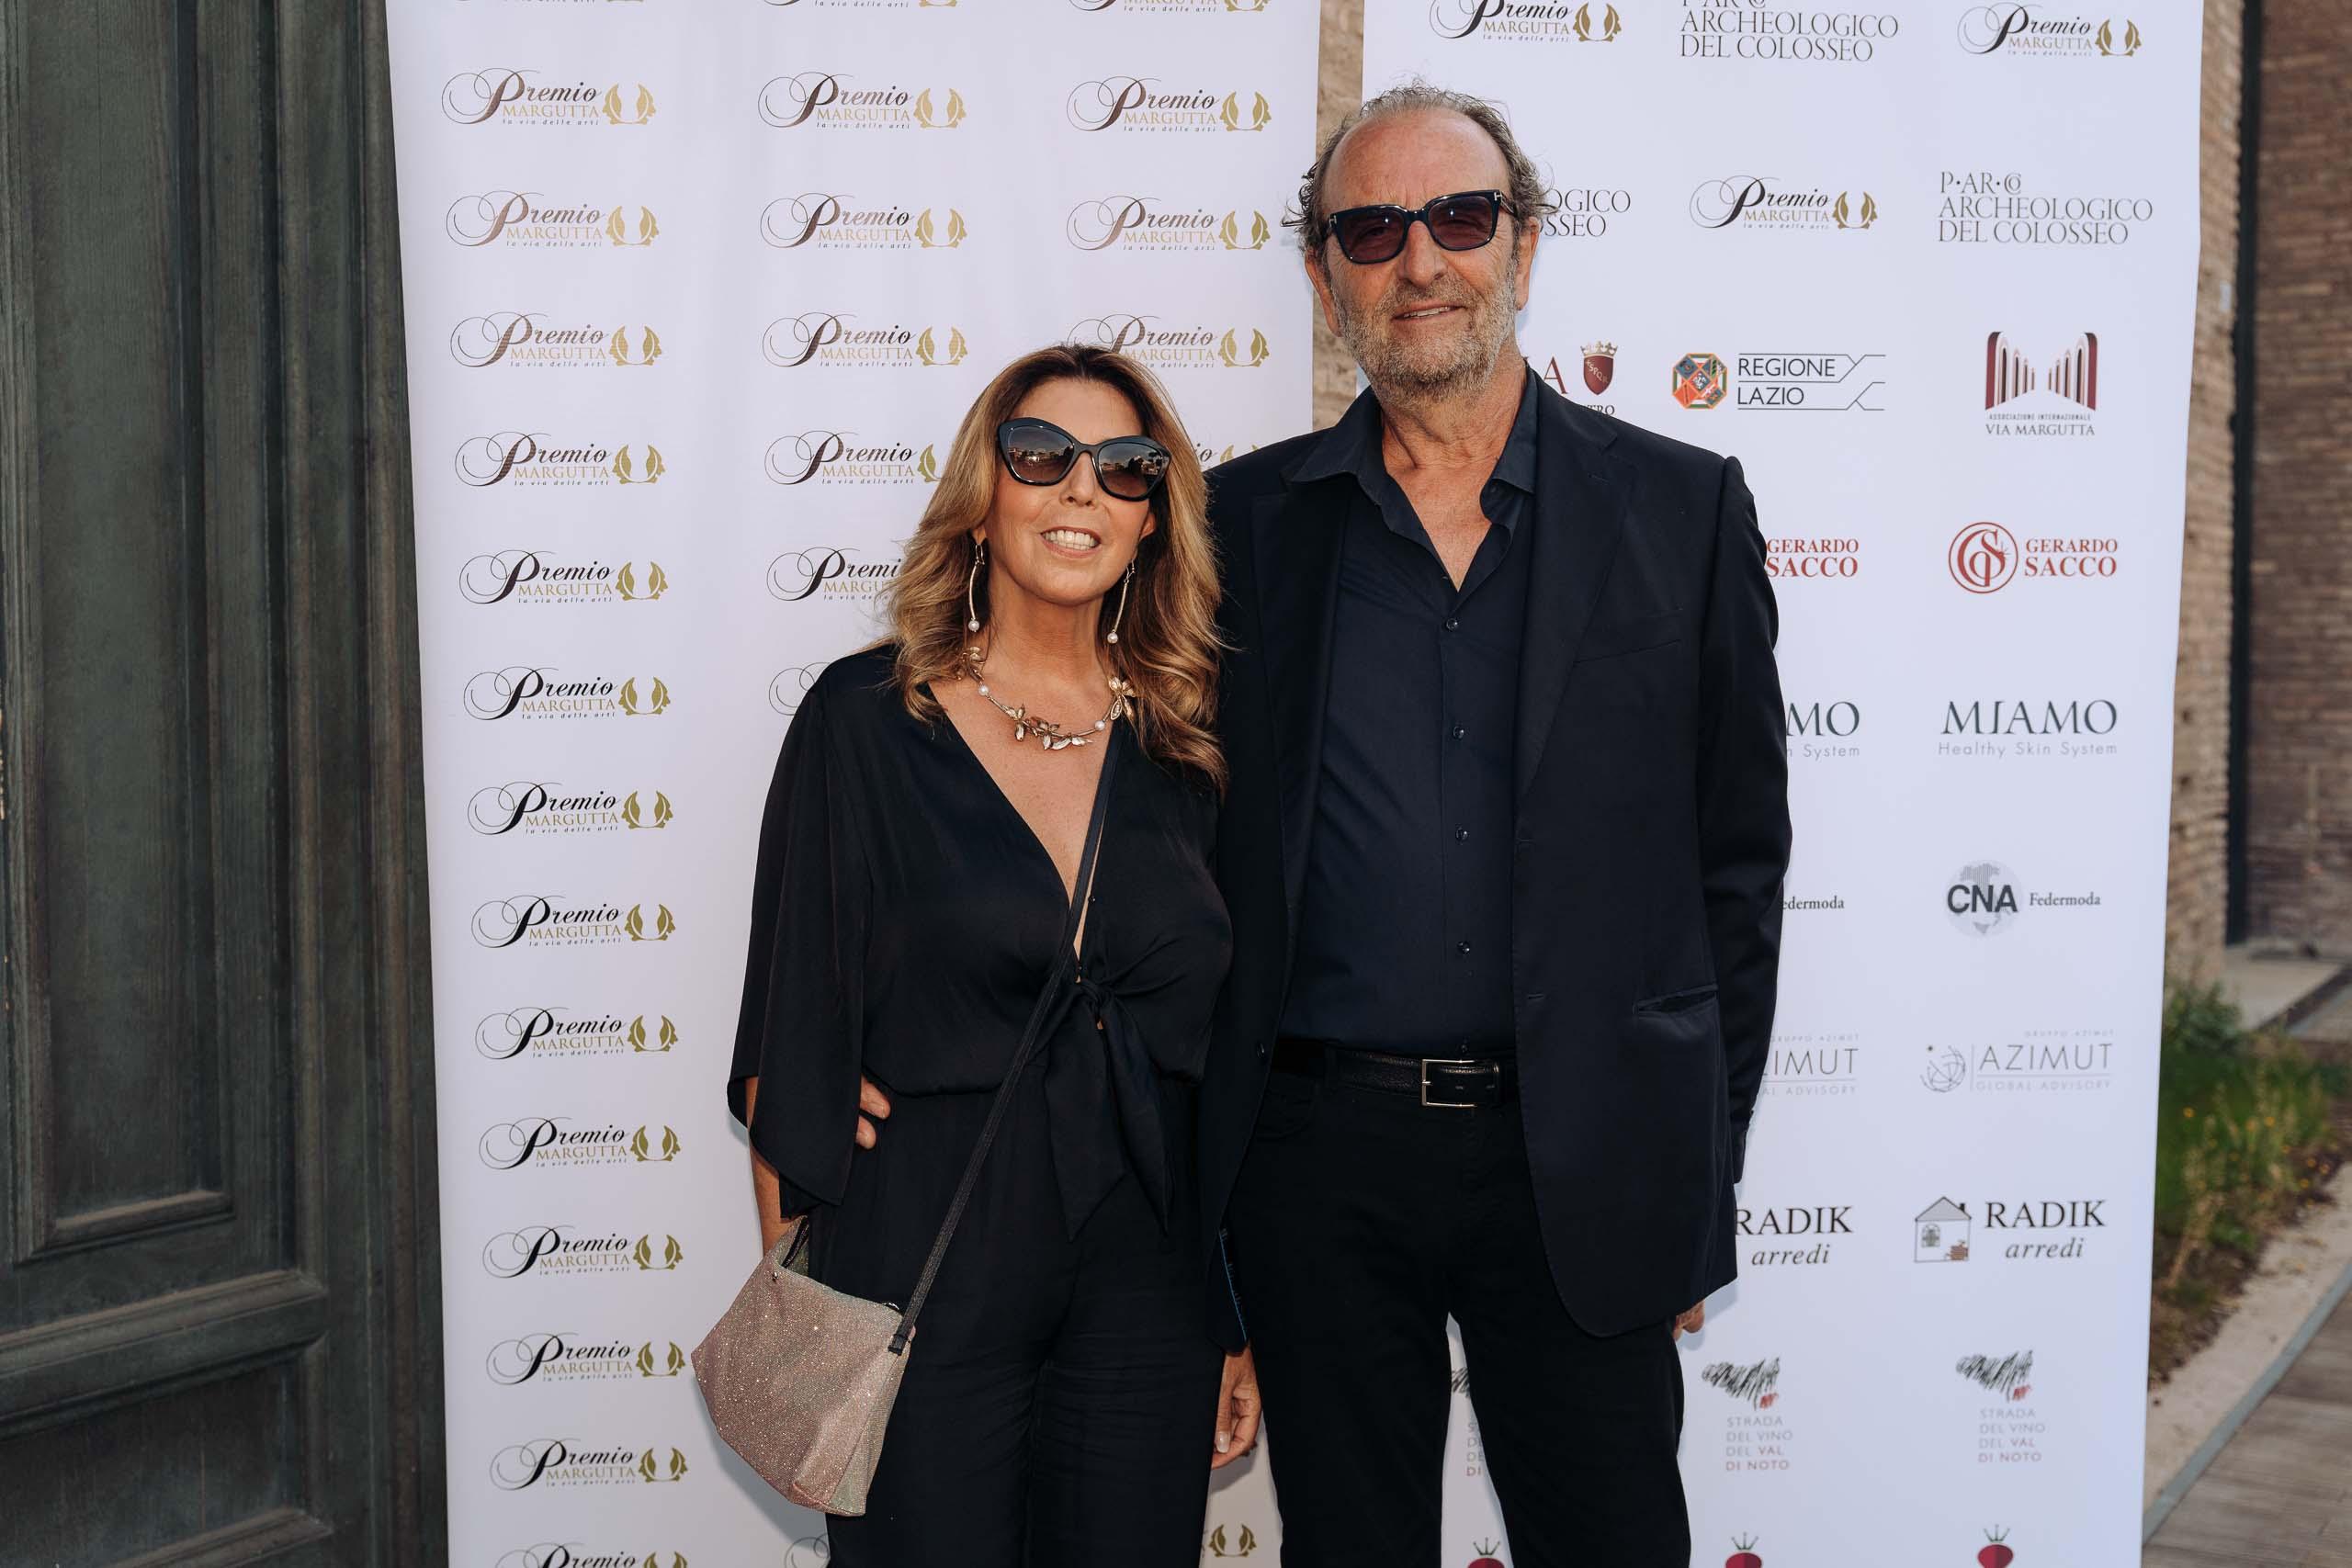 15.1 Tina Vannini - Claudio vannini